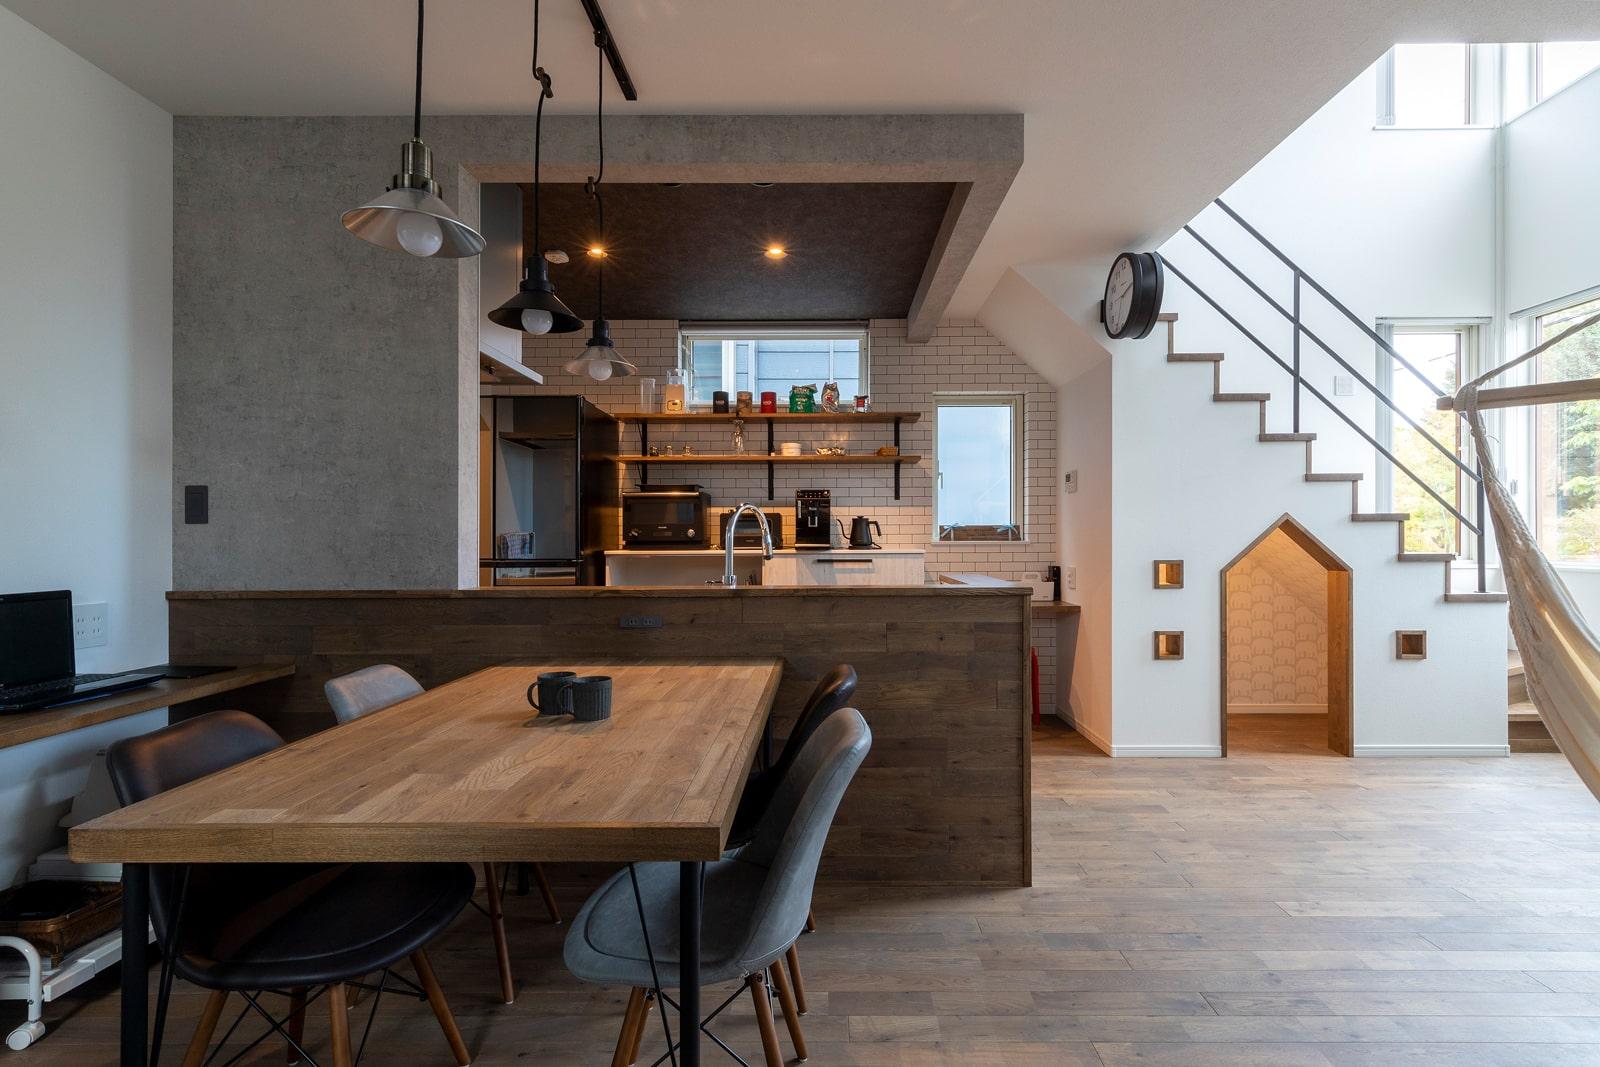 まるでカフェのような雰囲気のダイニングキッチンに、階段下の隠れ家スペースと遊び心とセンスが光るLDK